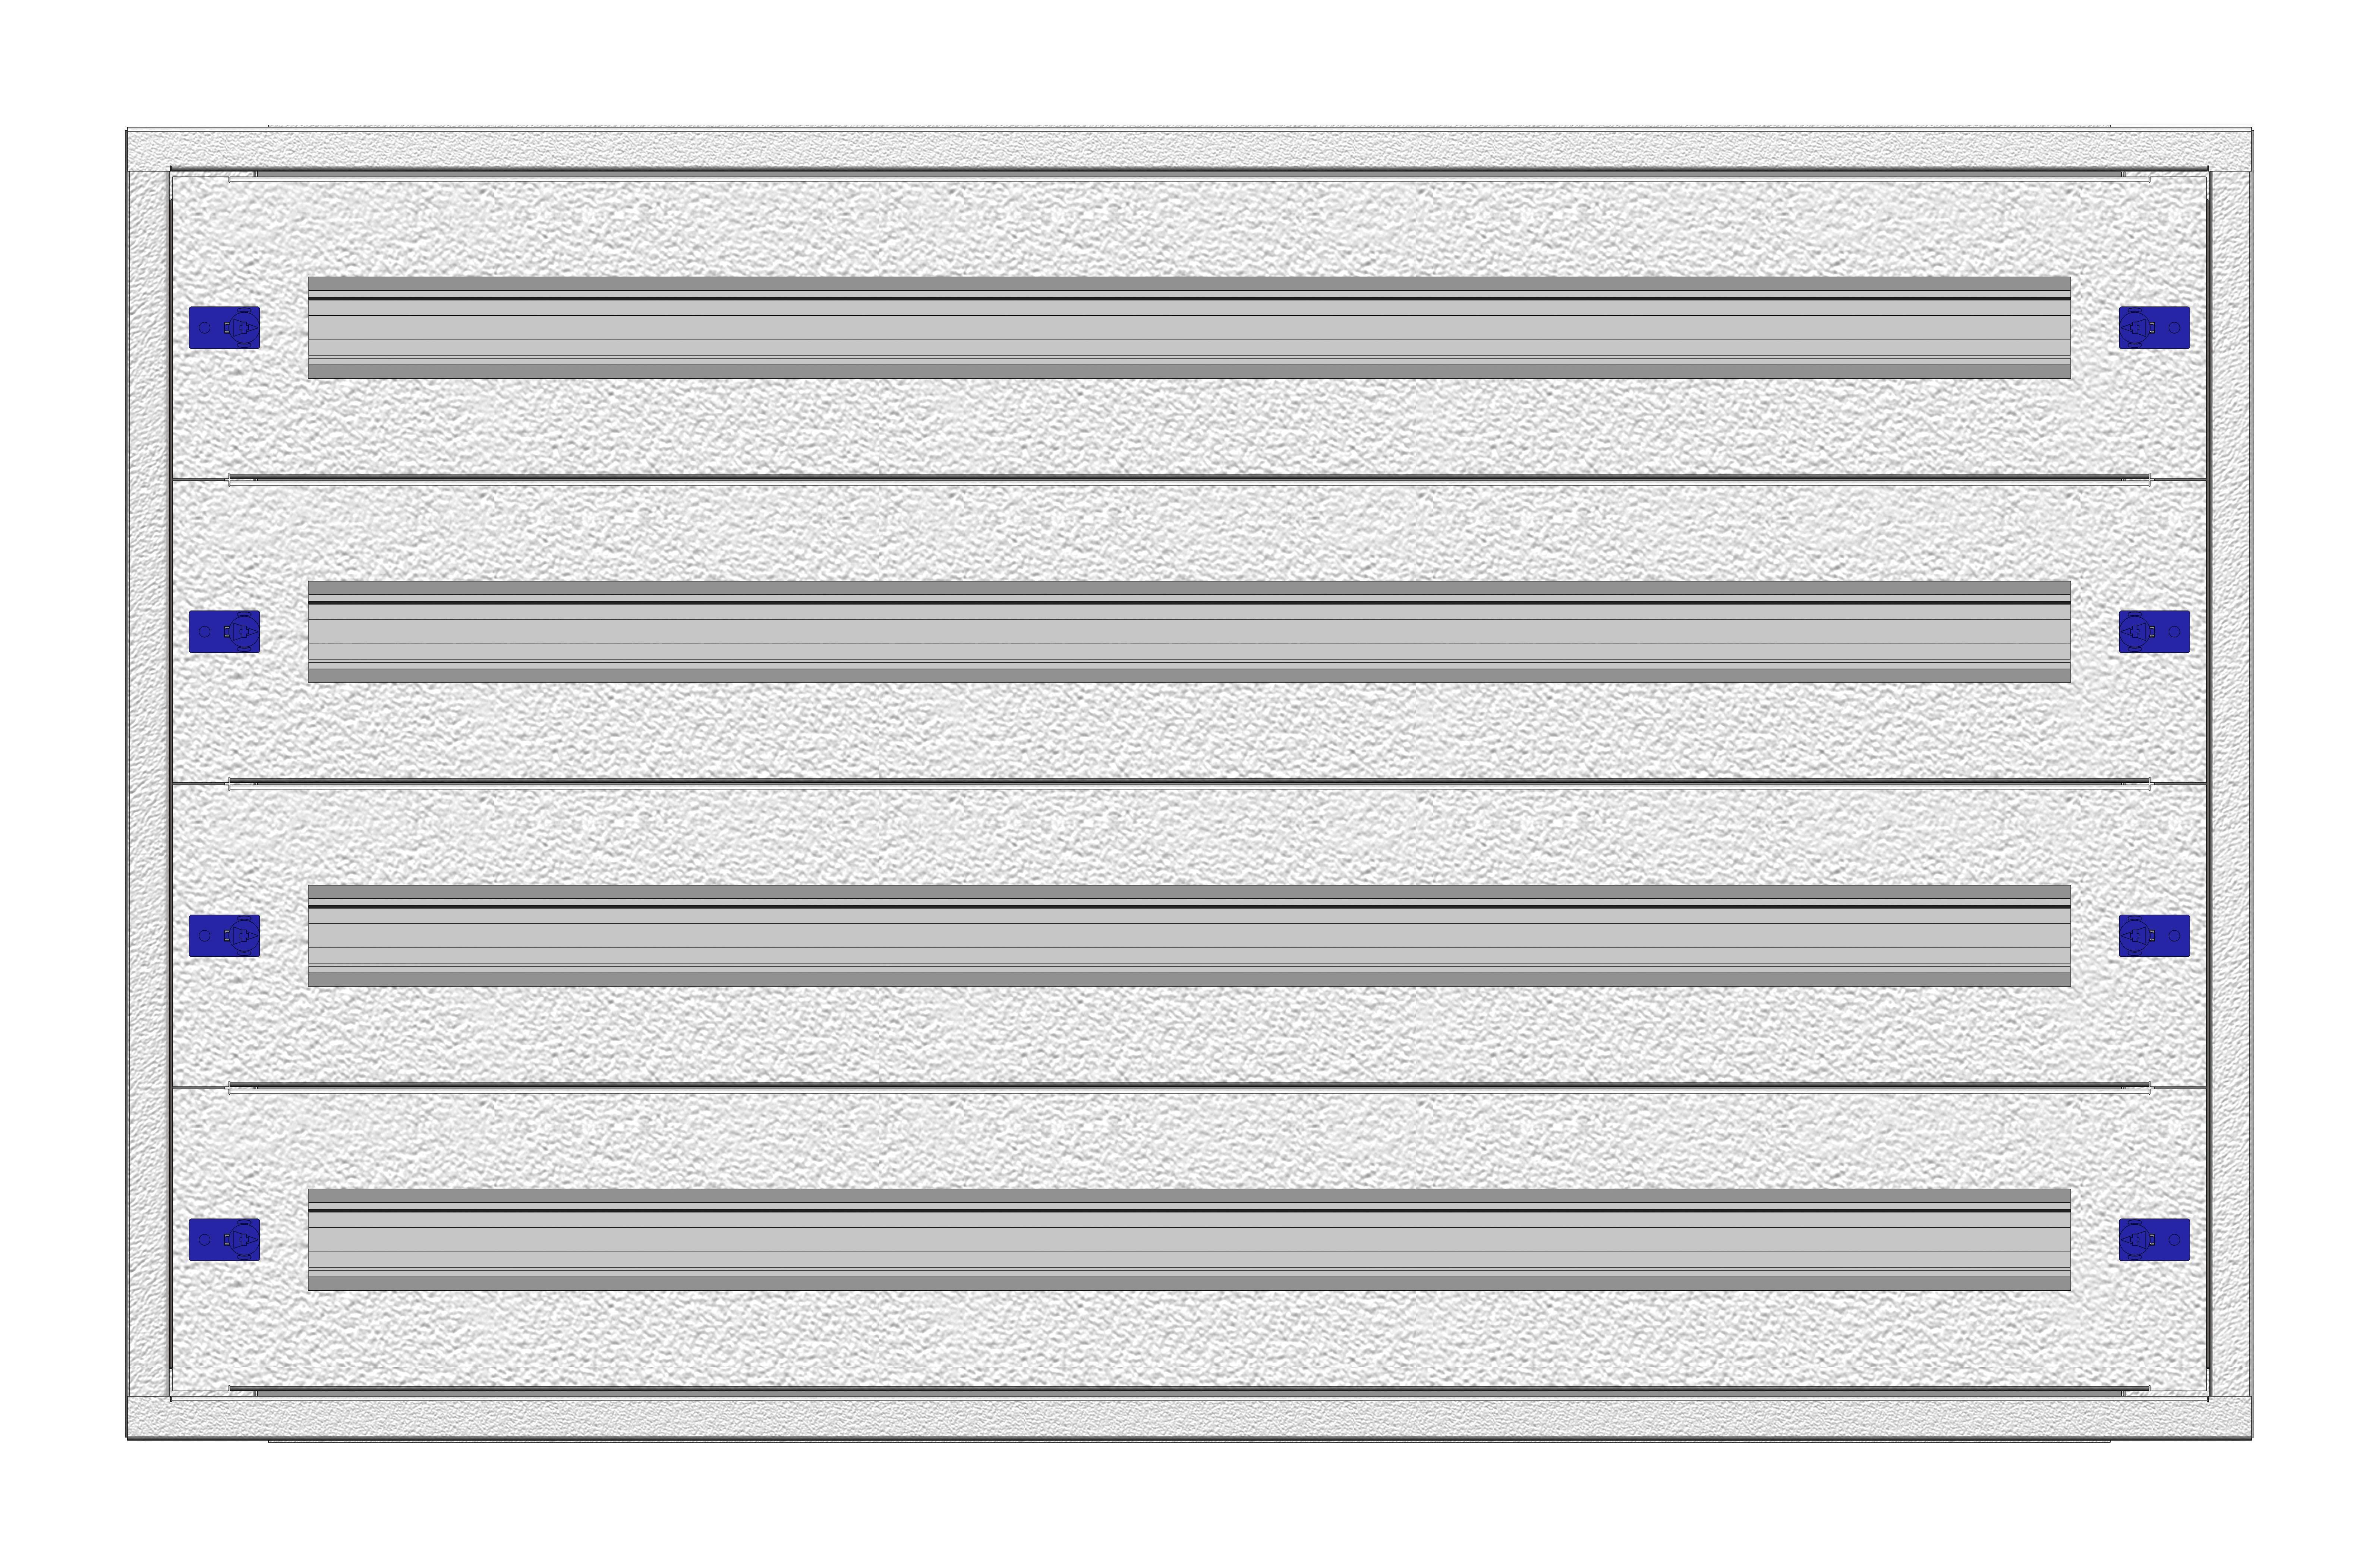 1 Stk Installationsverteiler Einsatz 4-12K, 4-reihig, Stahlblech IL148412--